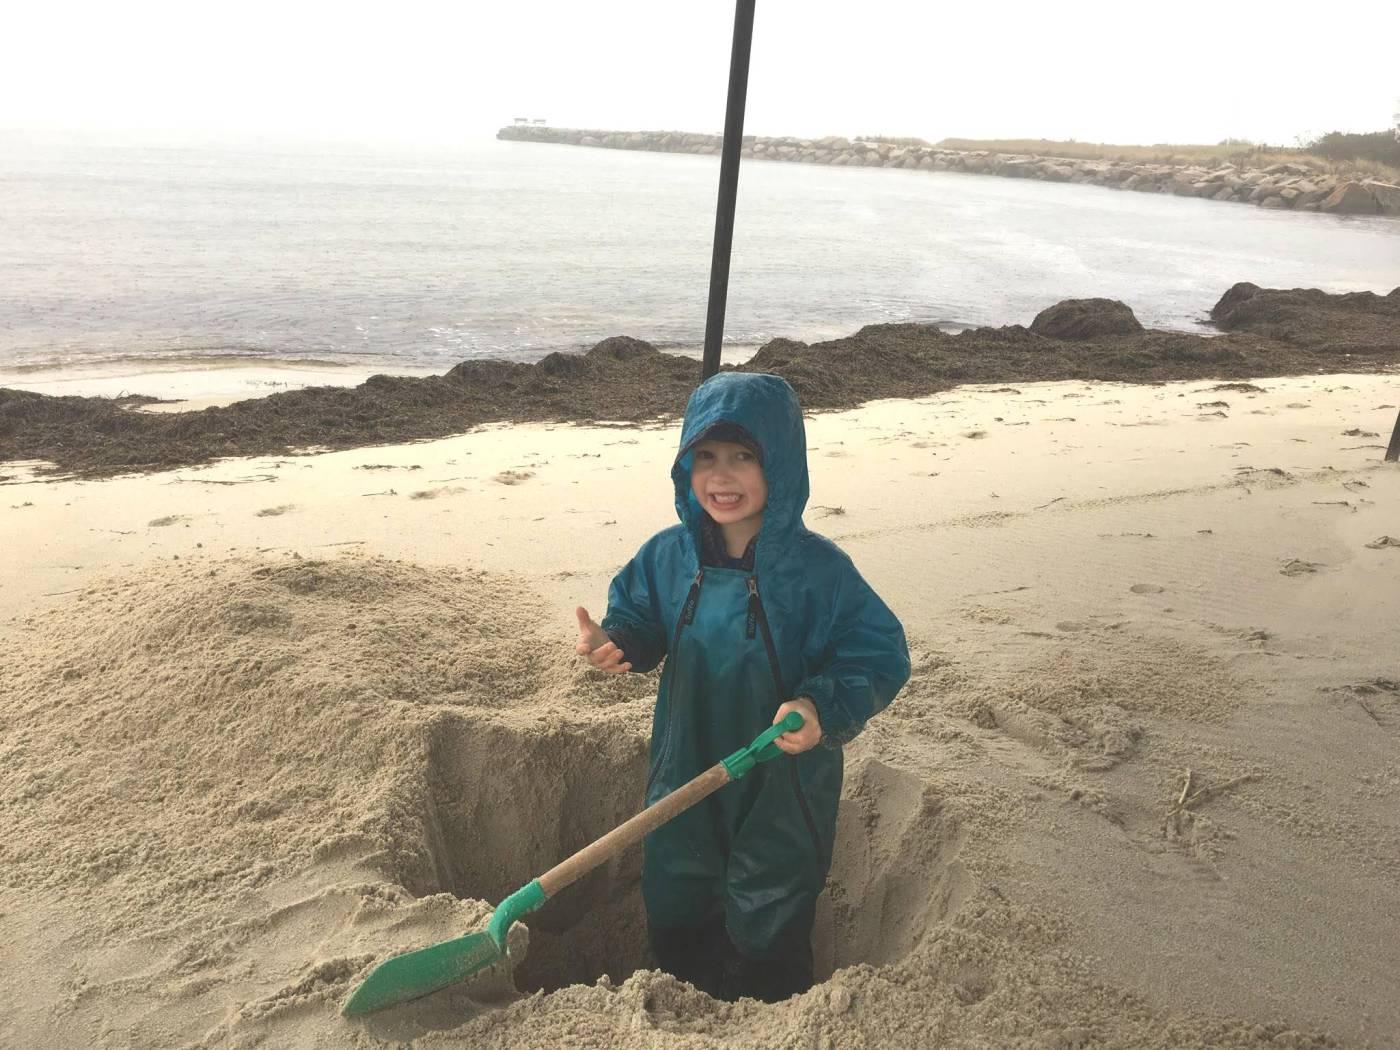 Tuffo at the Beach